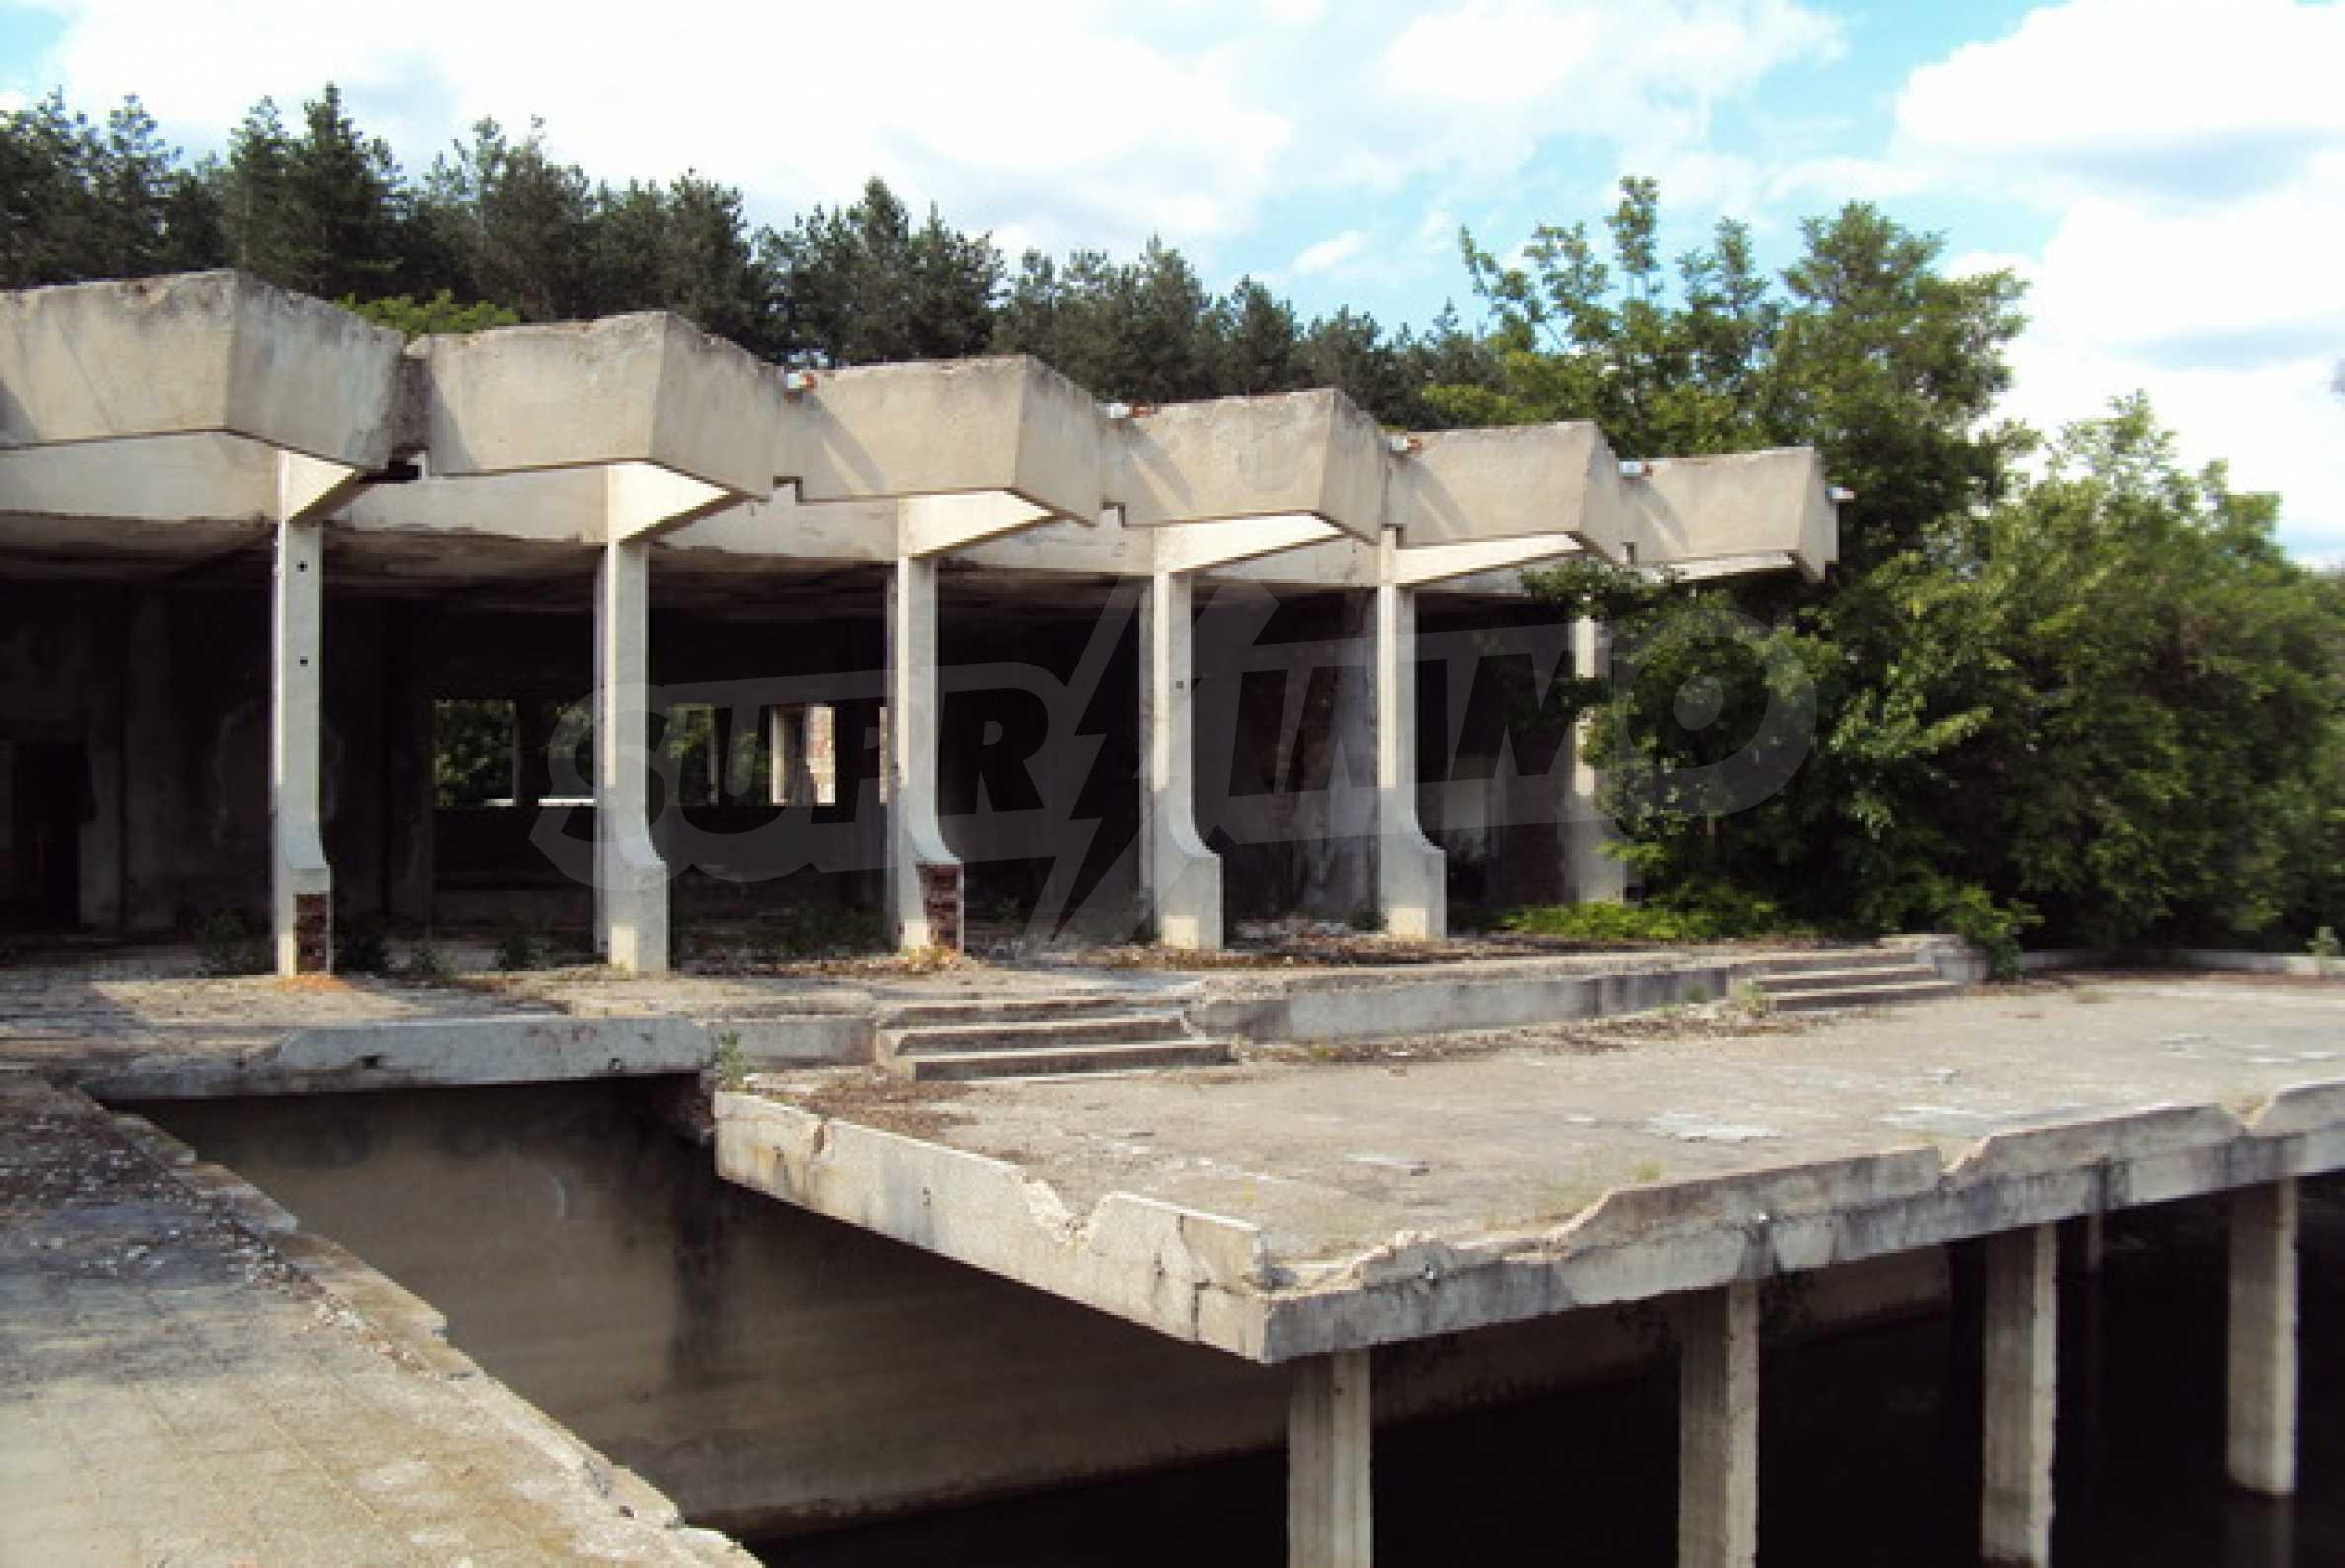 Продажа отеля/комплекса вблизи г. Велико Тырново